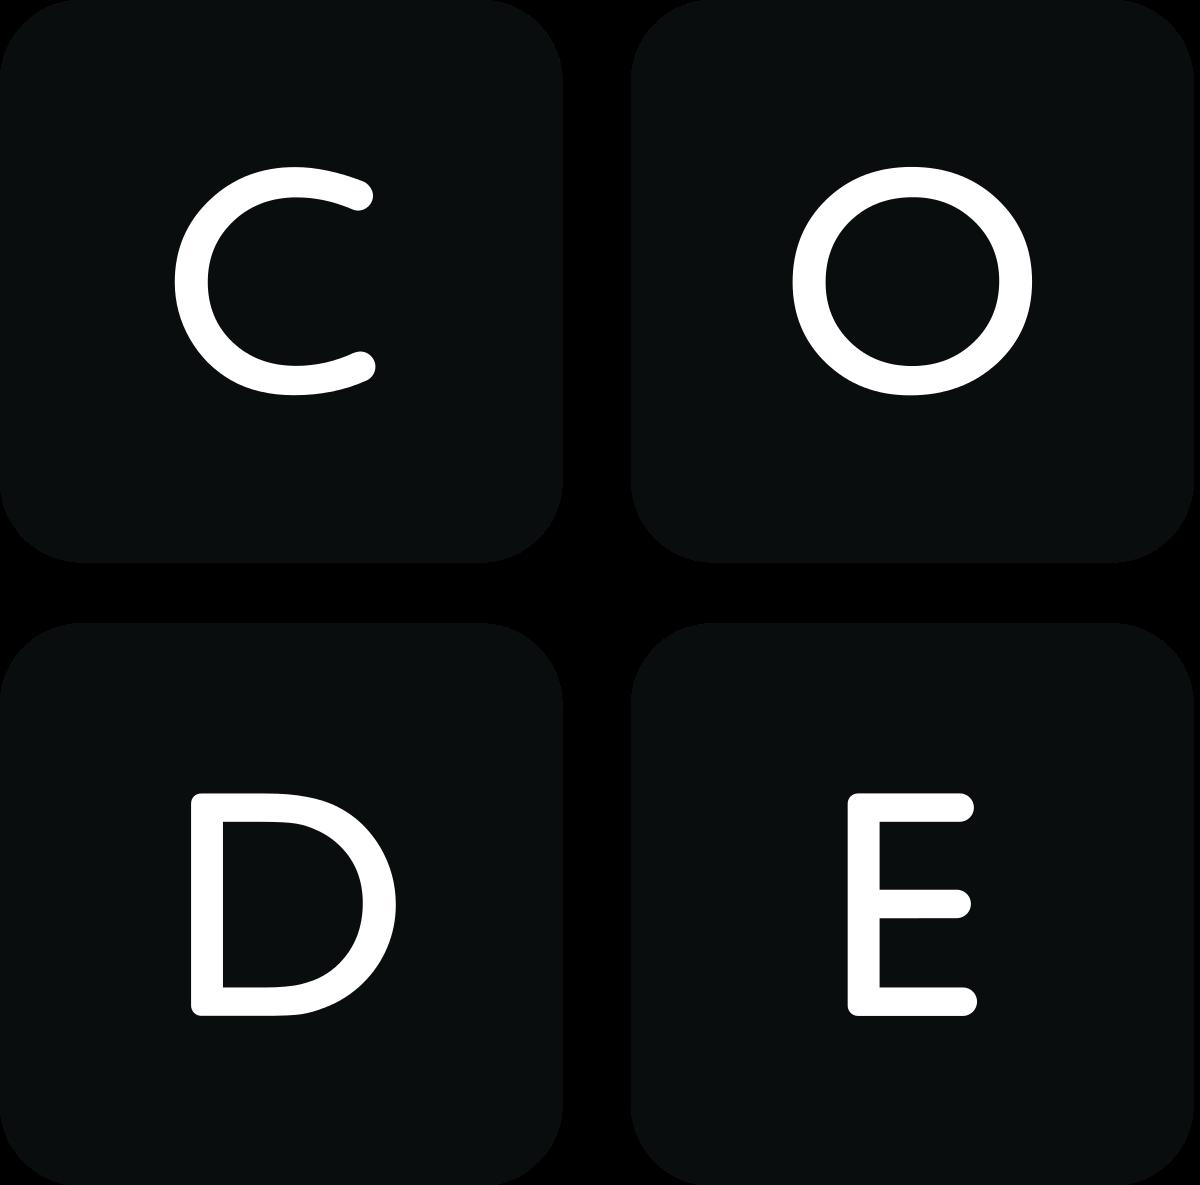 Code.org - Wikipedia